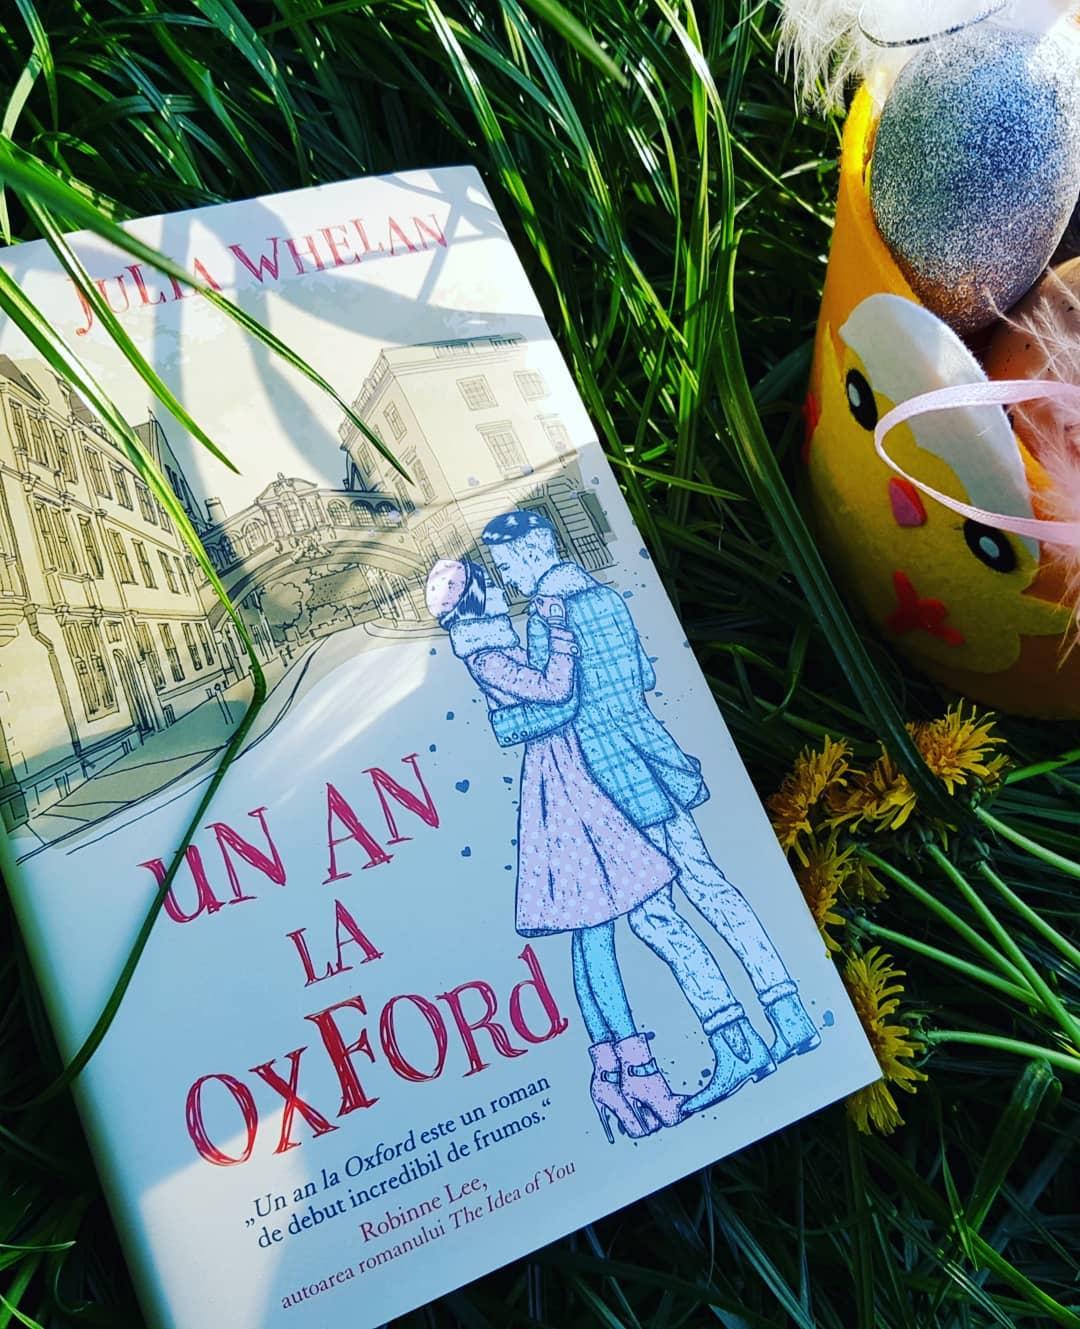 Un an la Oxford